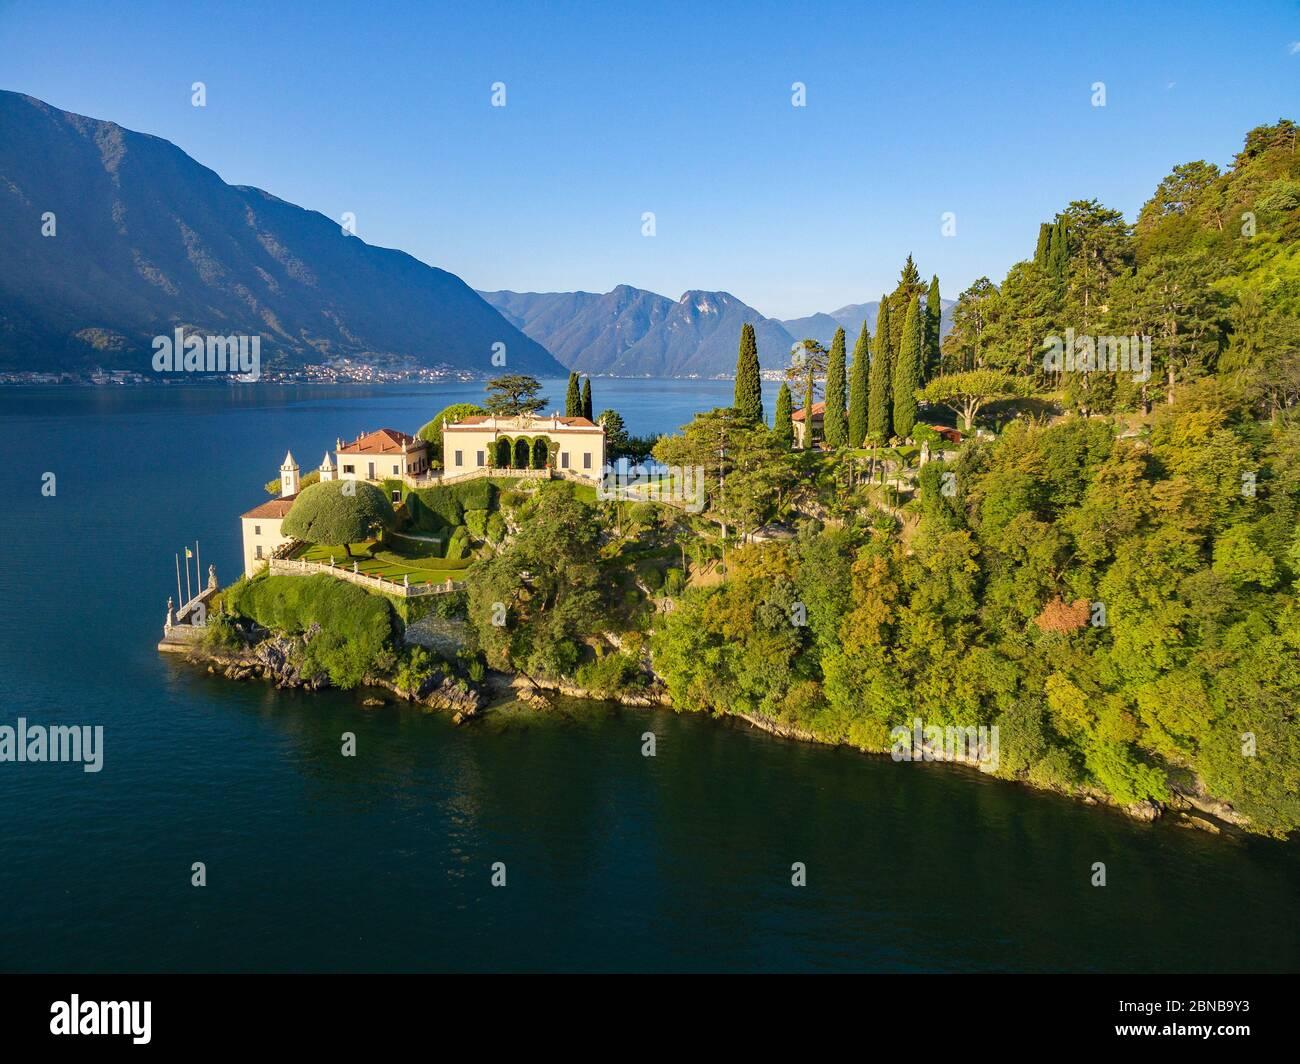 Villa del Balbianello (1787) - Lavedo - Lenno - Lake Como (IT) - Panoramic Aerial View Stock Photo